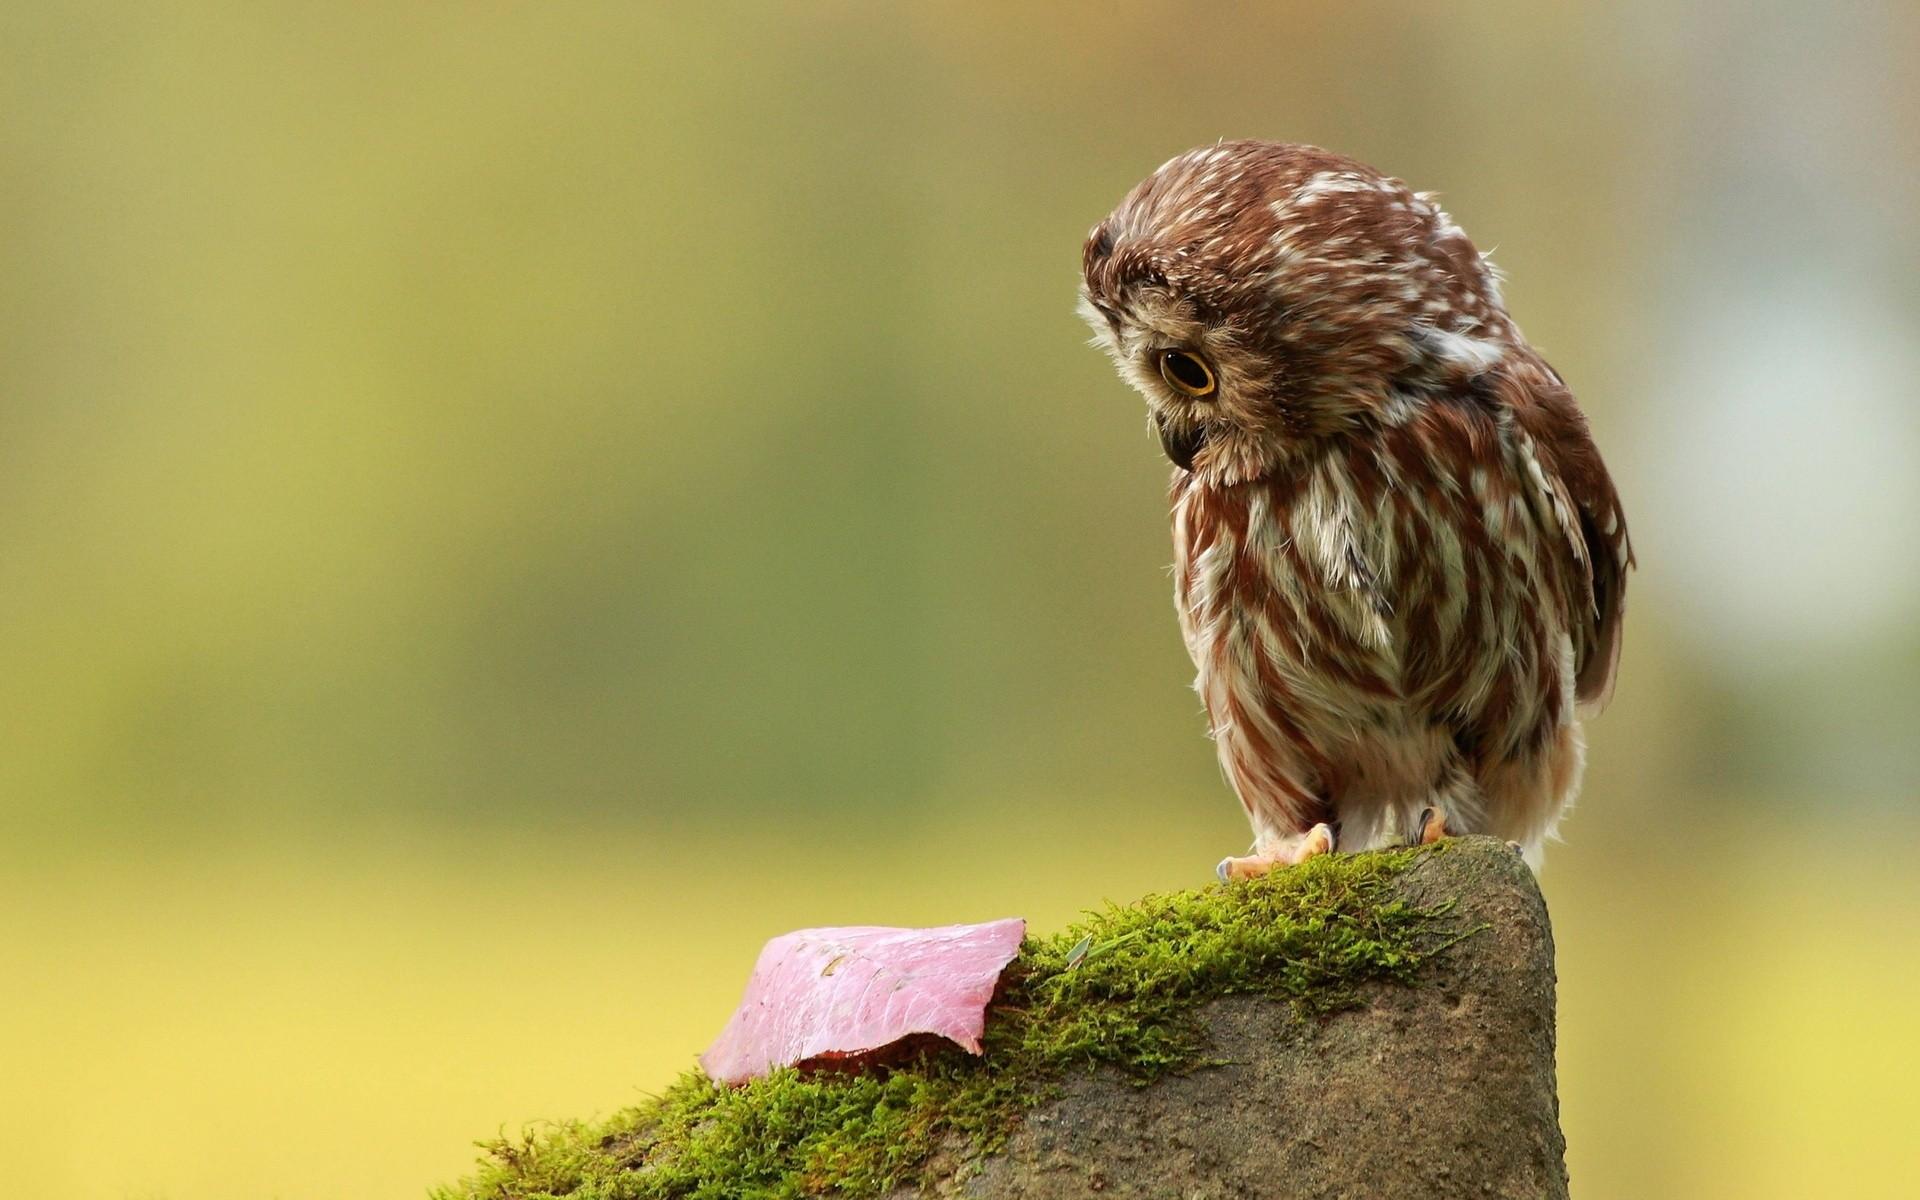 Res: 1920x1200, Cute Owl Wallpaper 15780